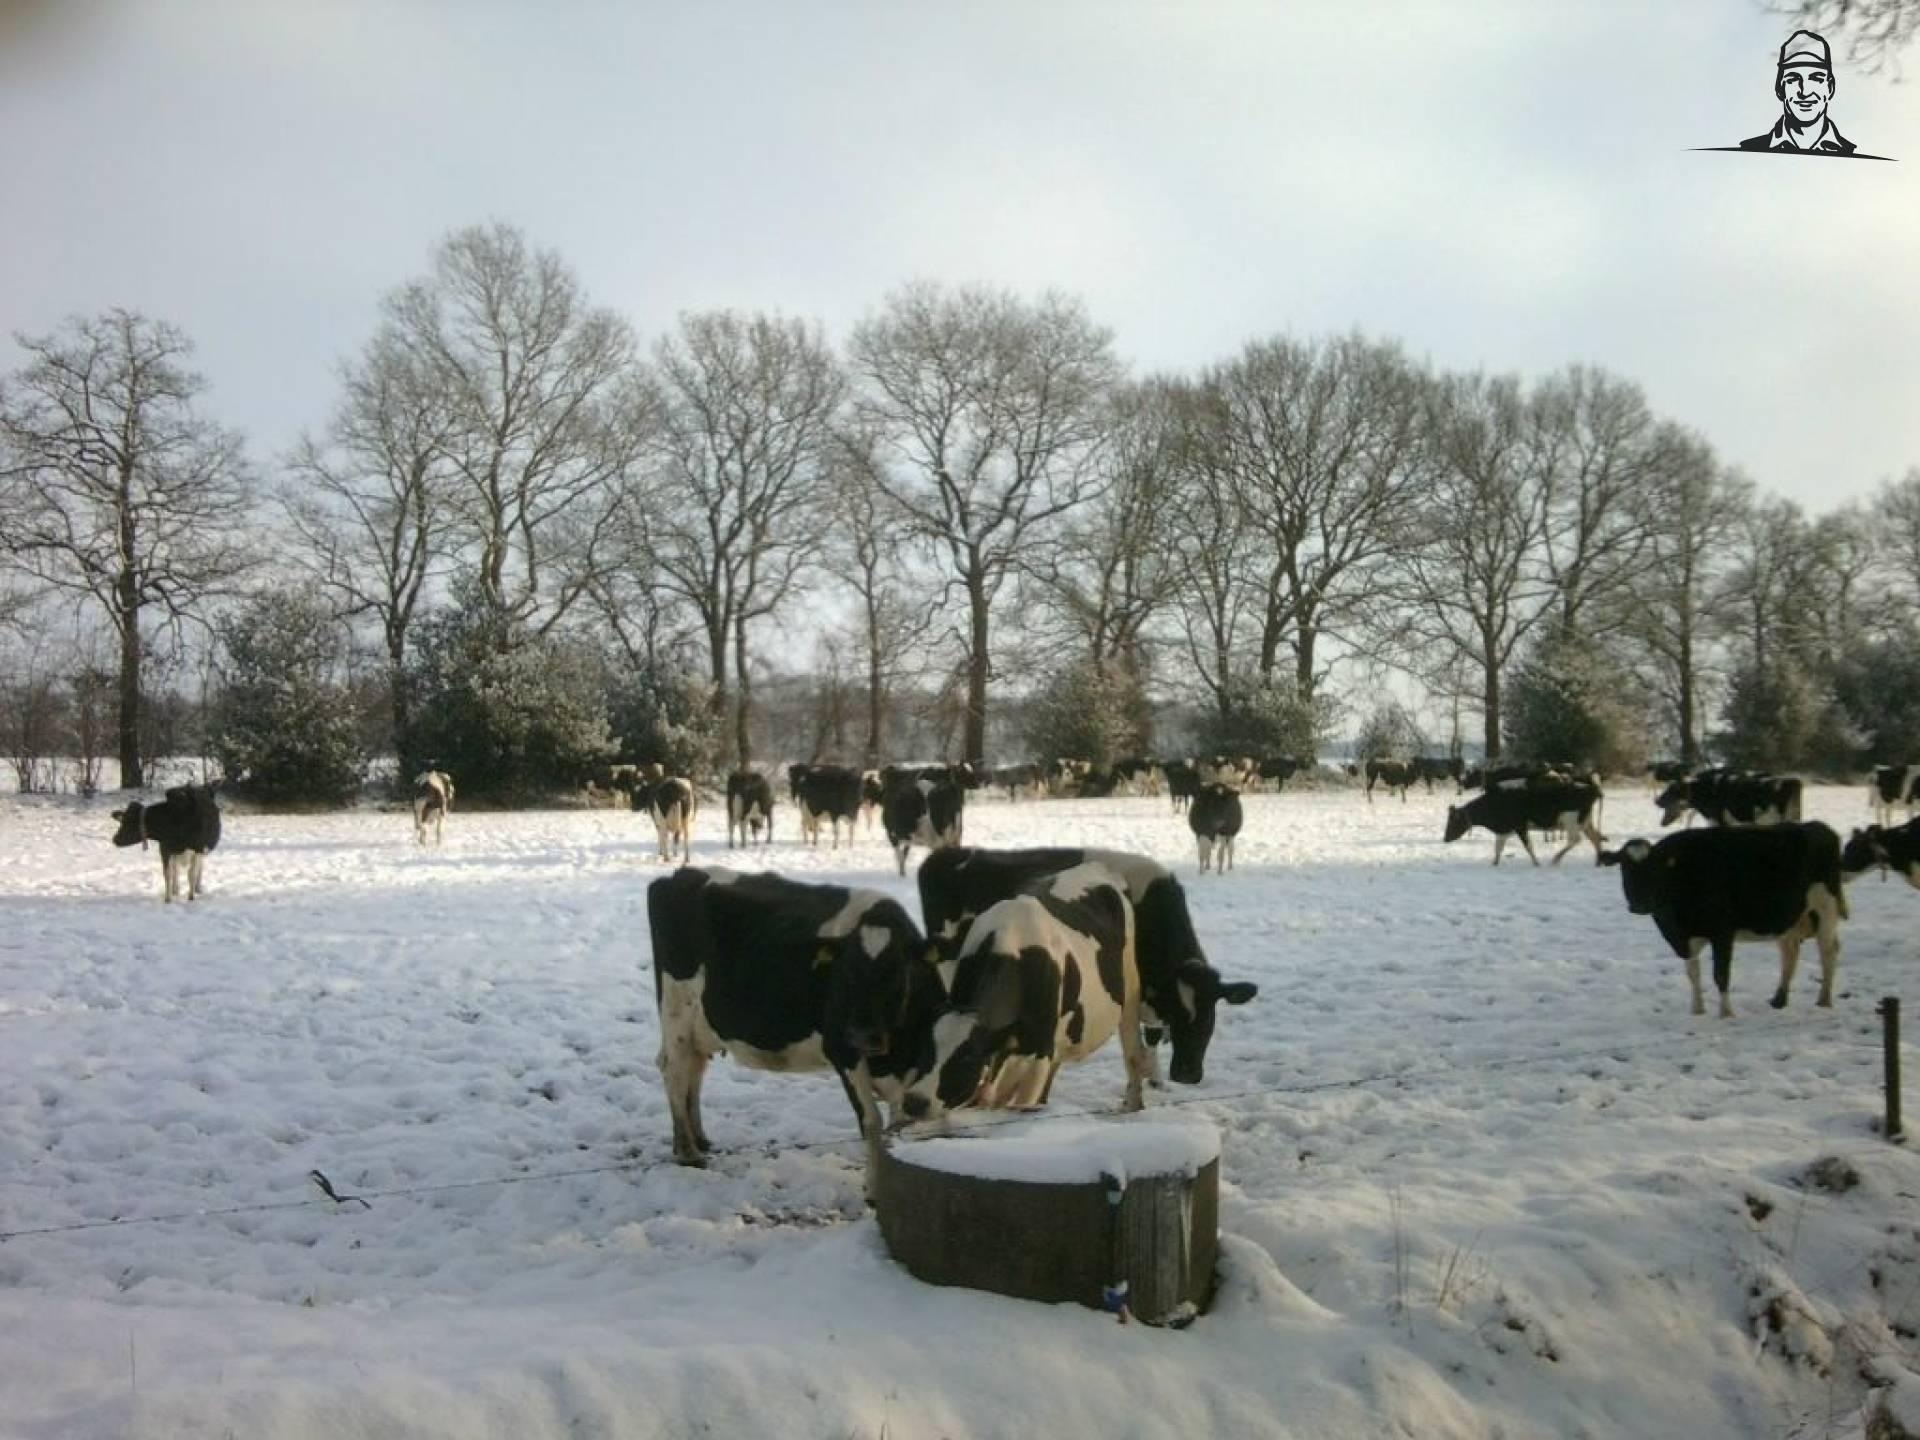 Koeien in de sneeuw 3-02-2012 van Koeienboer Jannes